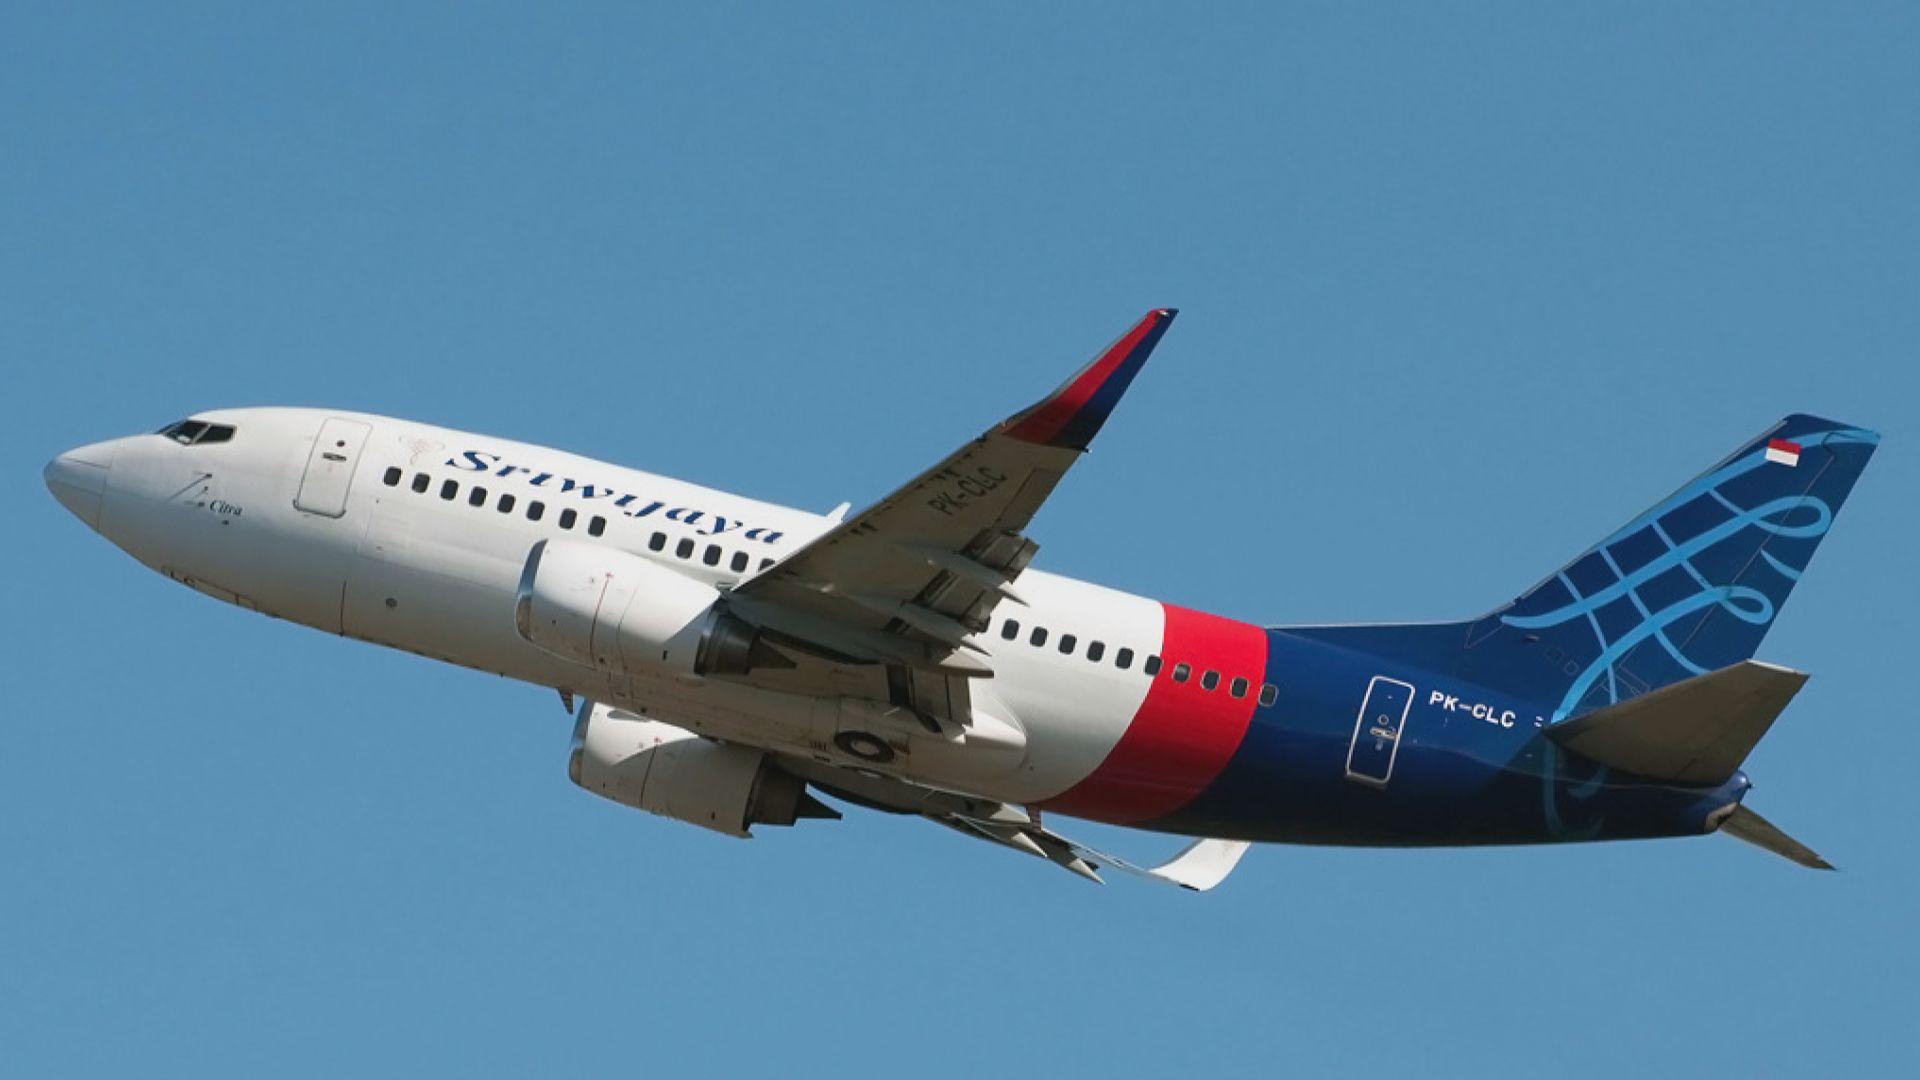 印尼客機起飛後失去聯絡 當局展開搜救